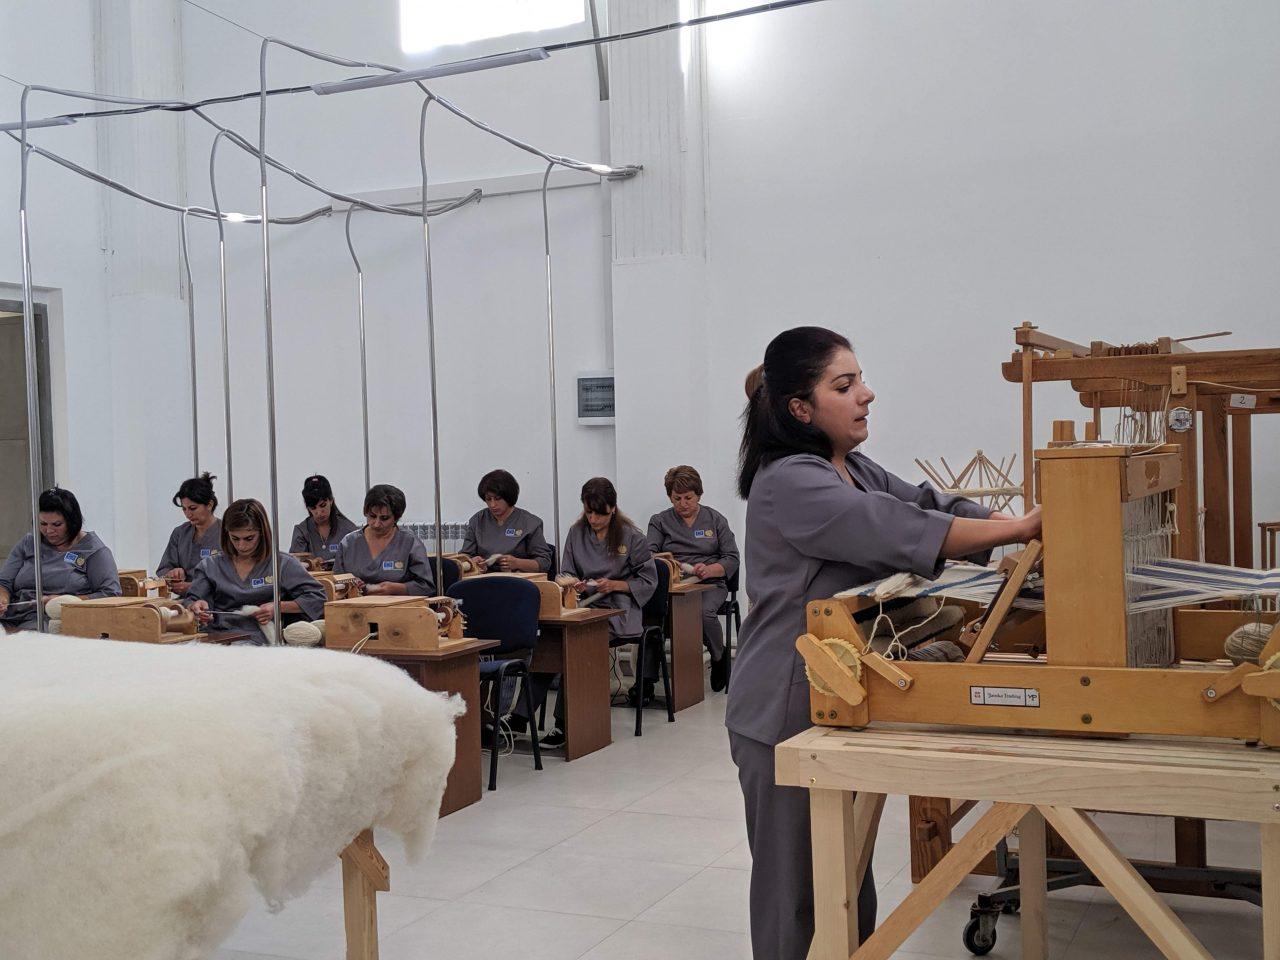 Ամասիայի բրդի գործարանում ներդրումներ է կատարվում արտադրության շարունակականությունն ապահովելու համար